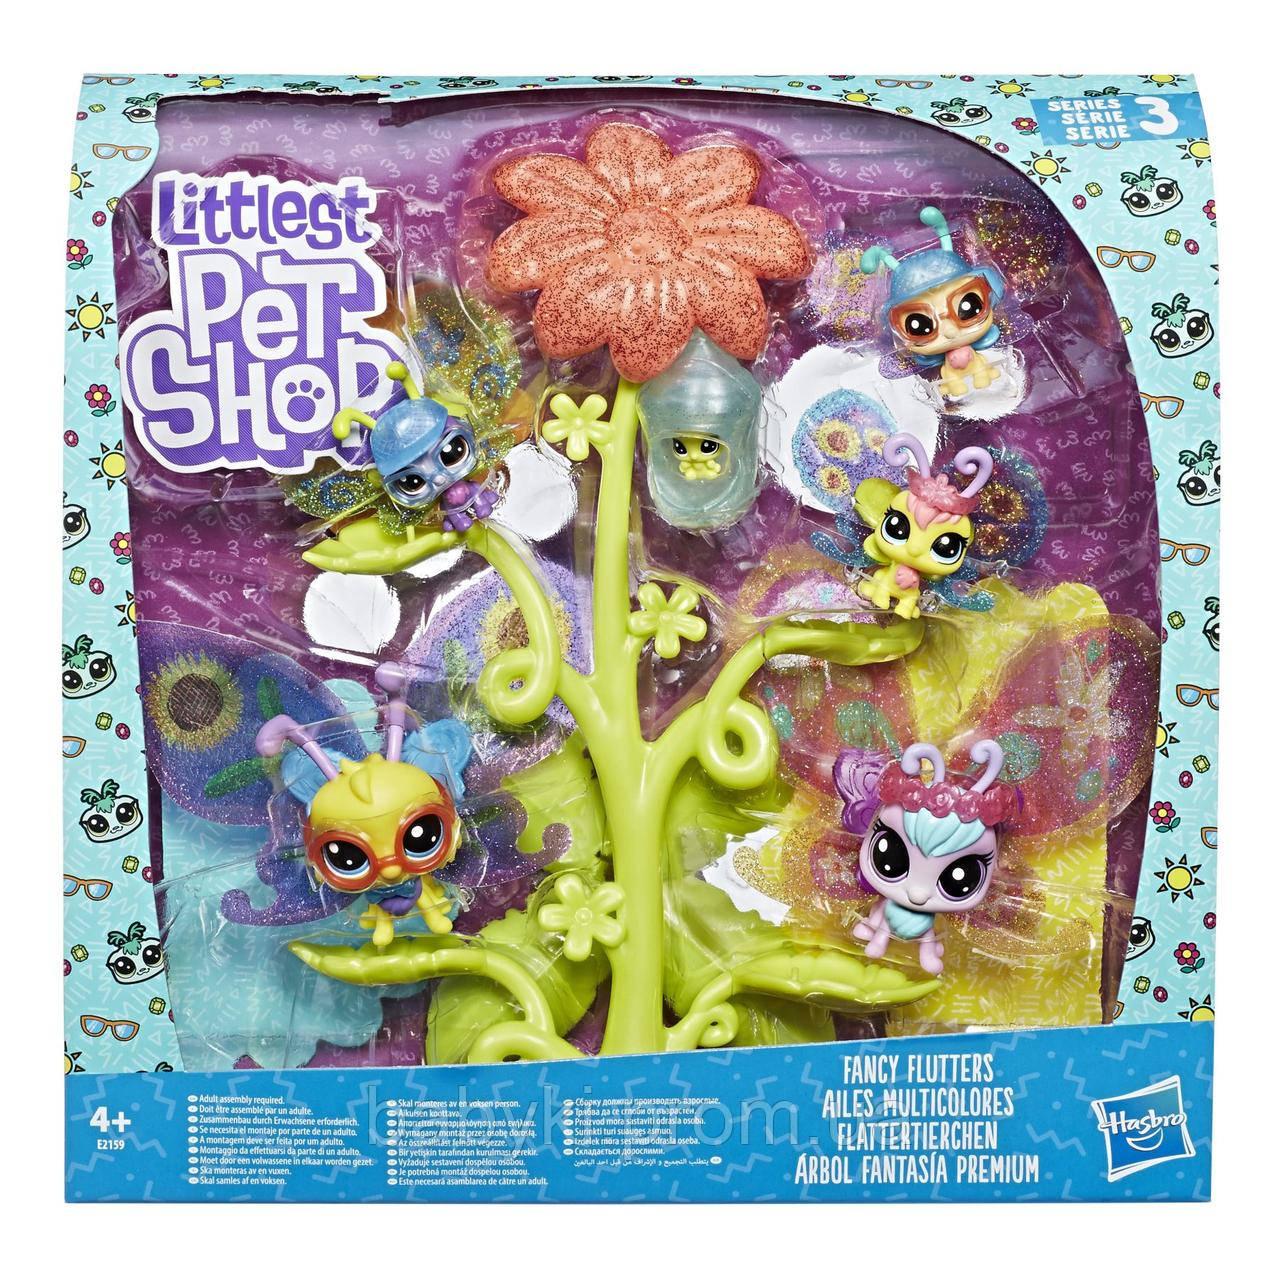 ЛПС Набор порхающих премиум петов Littlest Pet Shop, Hasbro, E2159